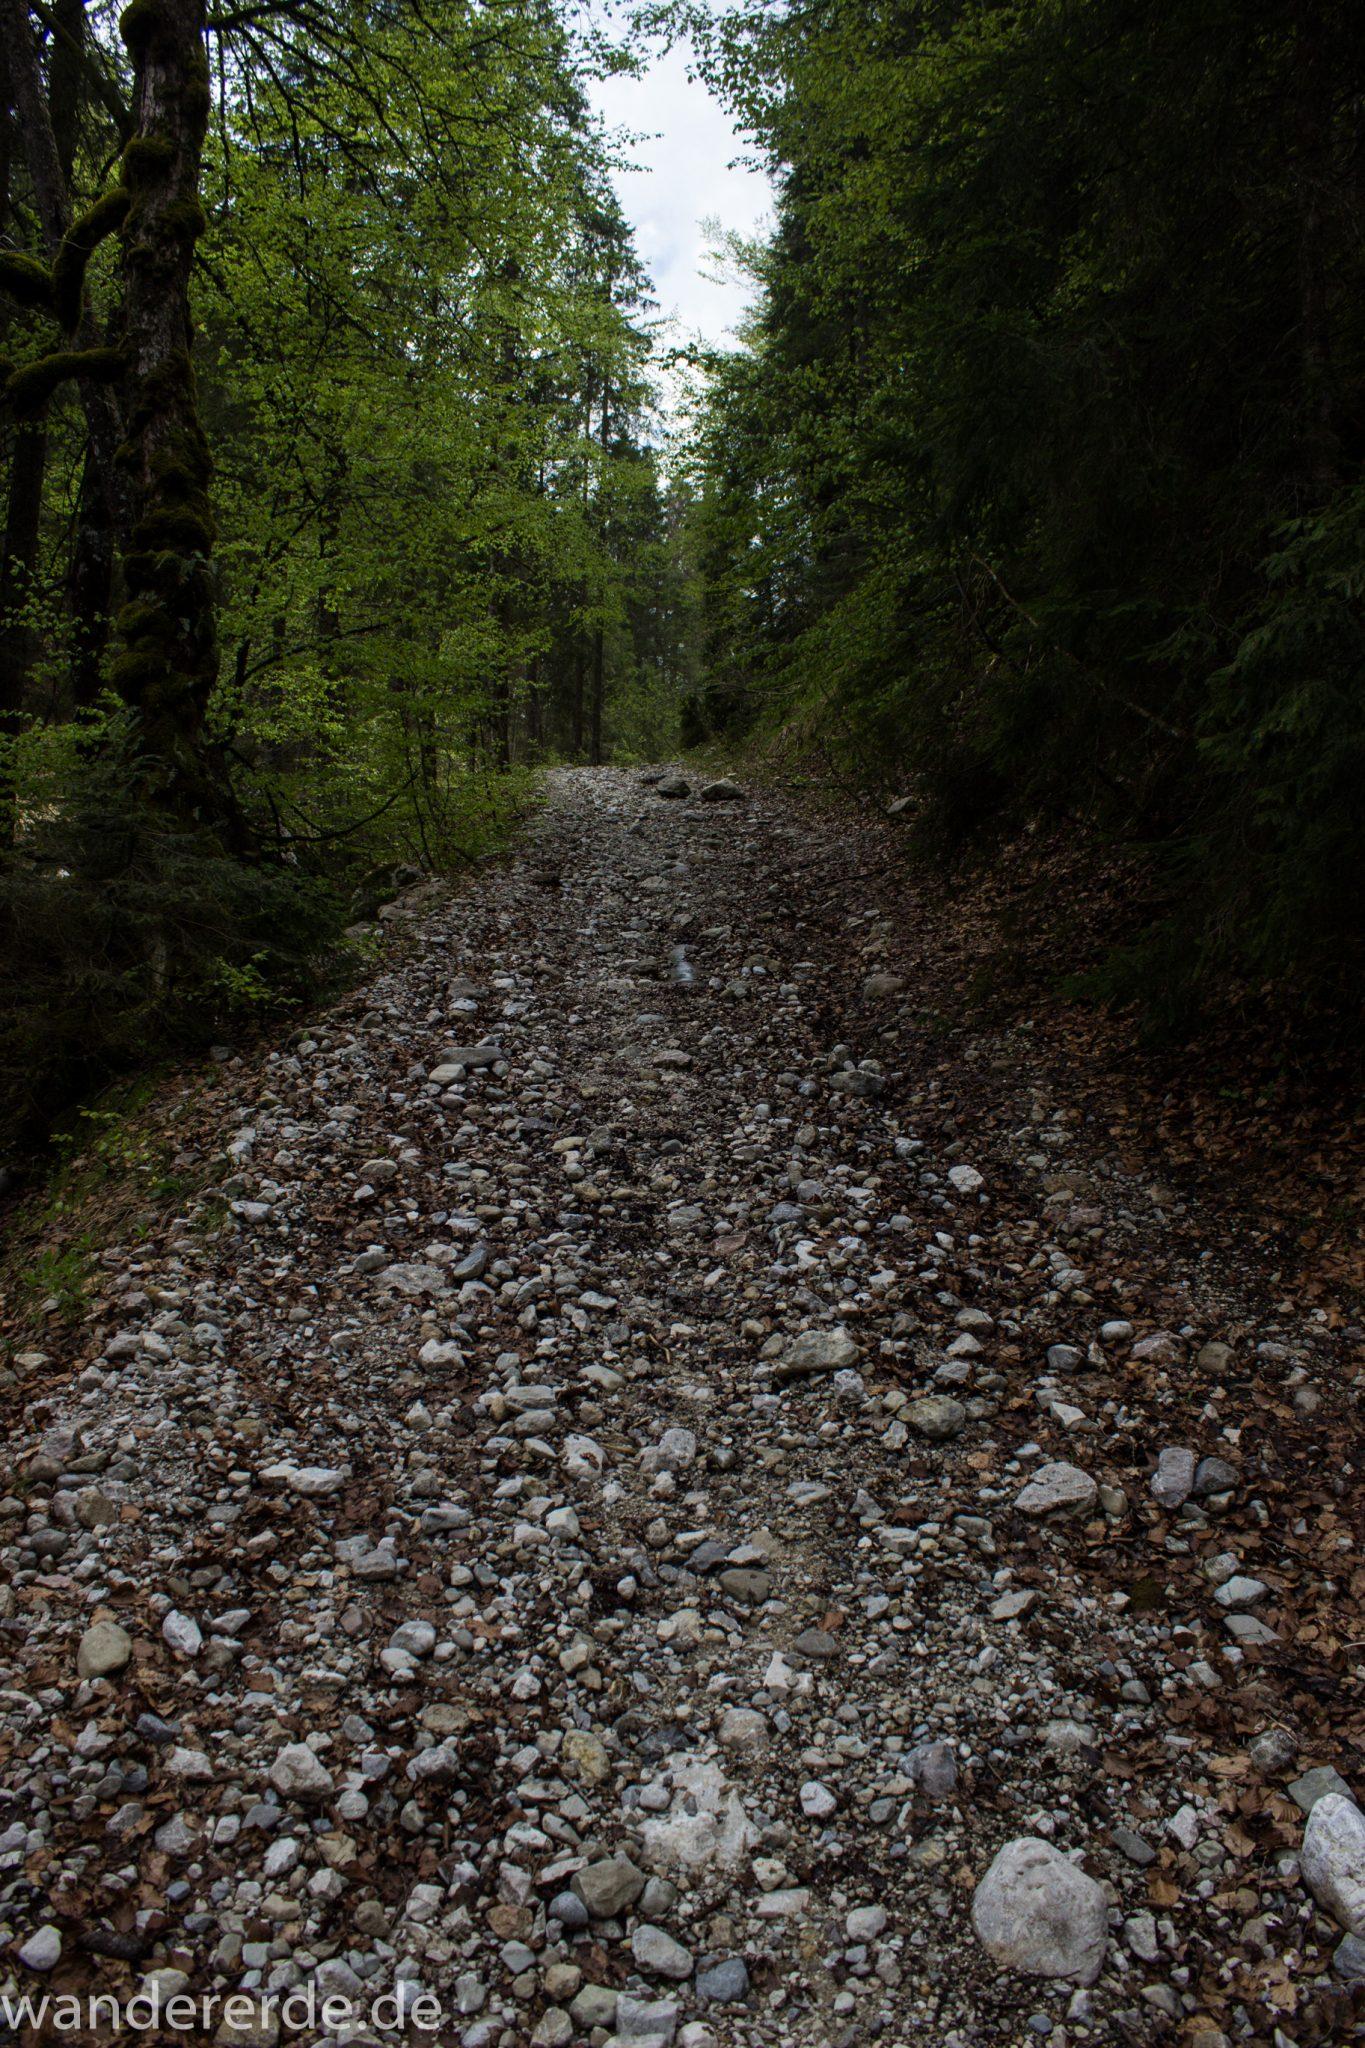 Wanderung zur Kenzenhütte in den Ammergauer Alpen, schmaler Wanderpfad mit kleinen Kieselsteinen, menschenleerer Weg, Frühjahr in den bayerischen Alpen, dichter grüner Wald